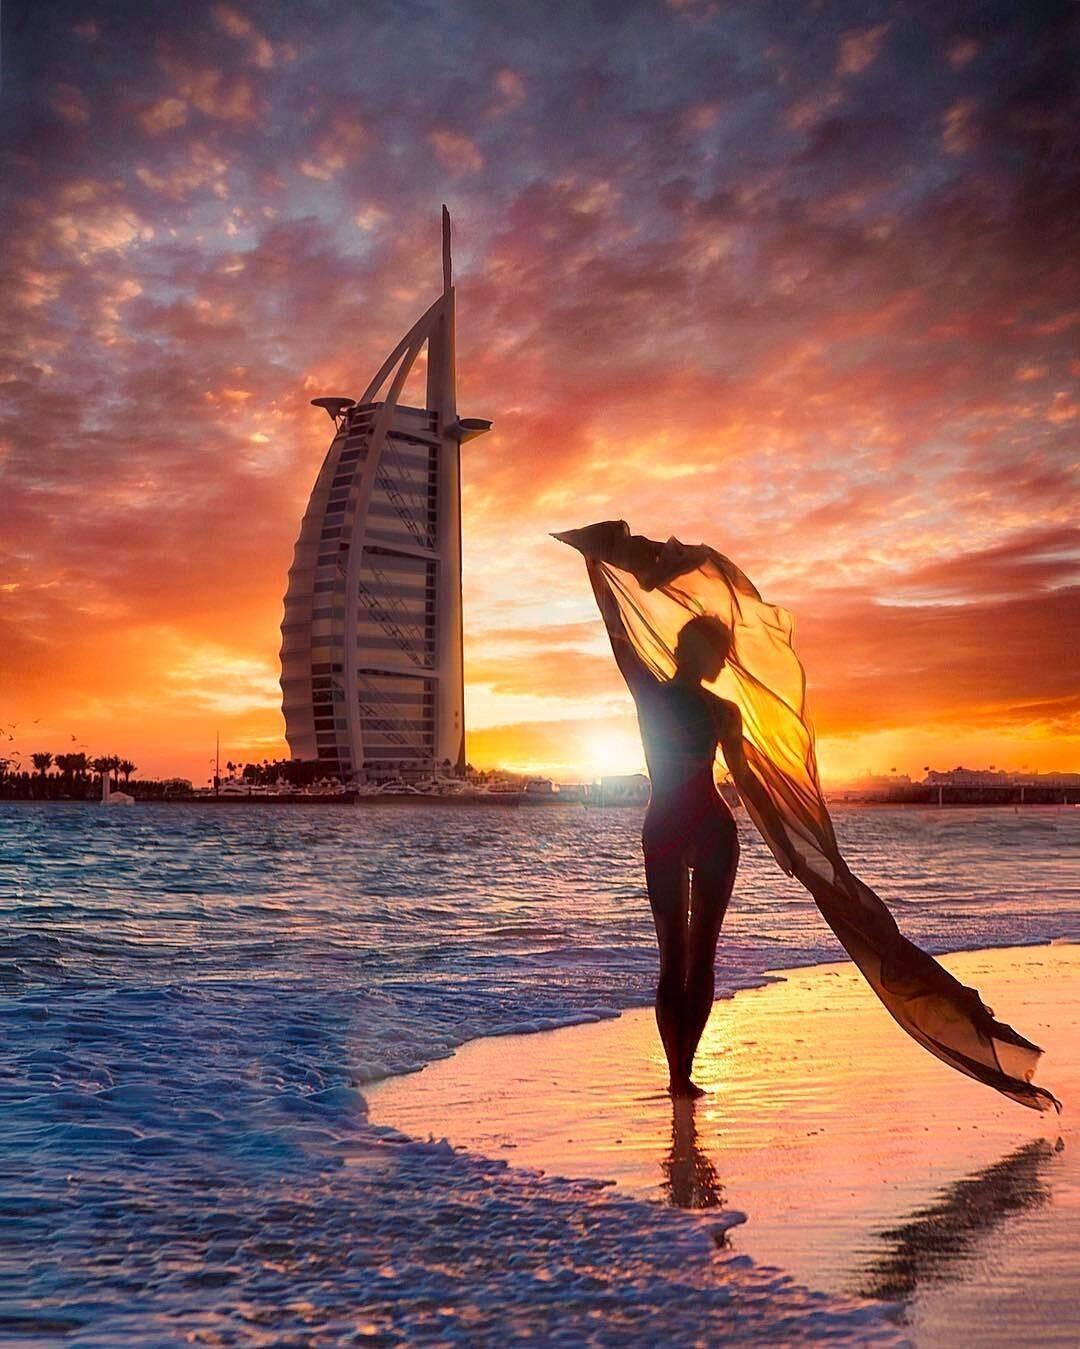 一篇文章教你如何用迪拜转机24小时玩转土豪之国 旅游资讯 第11张